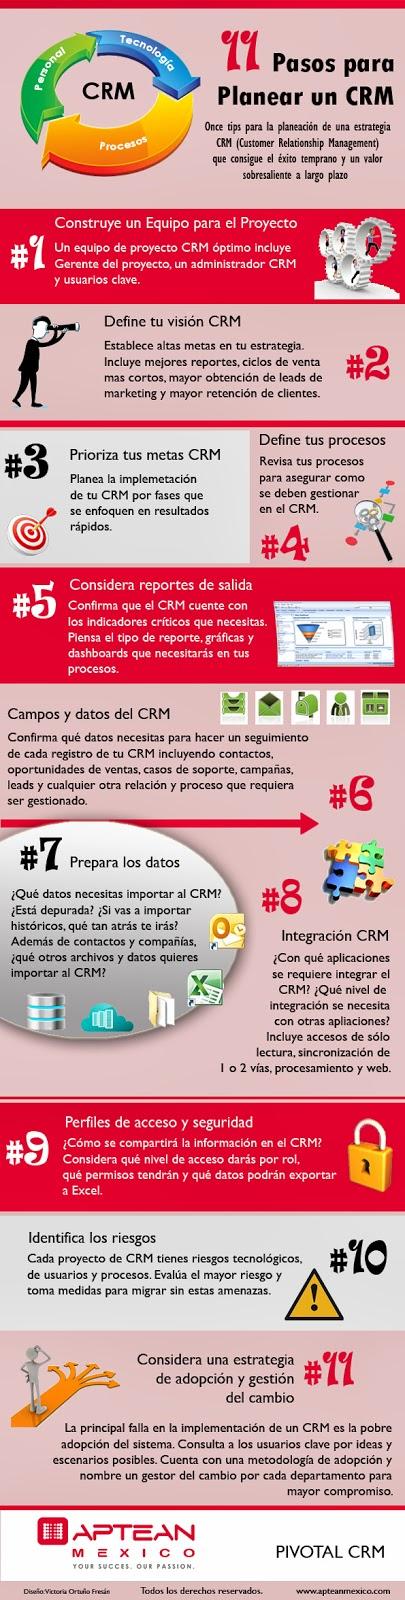 11 pasos para planear un CRM